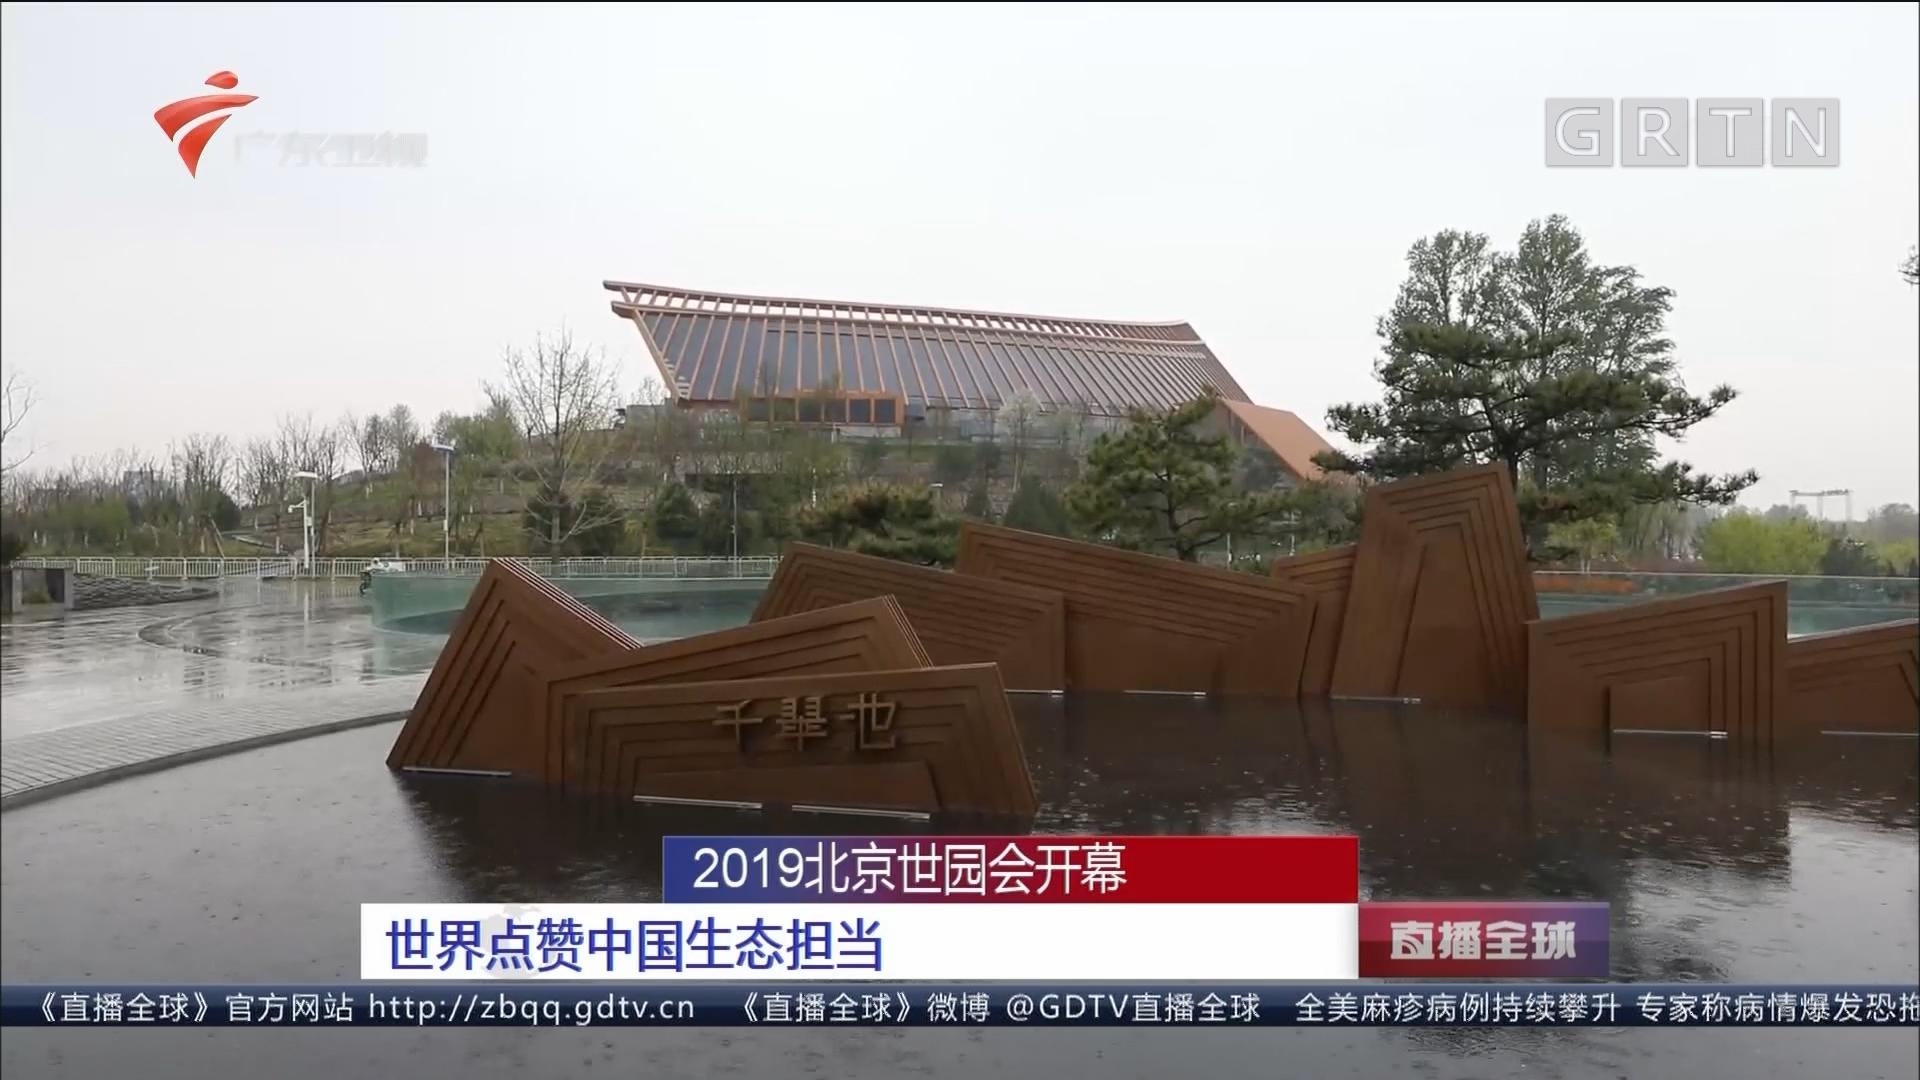 2019北京世园会开幕 世界点赞中国生态担当